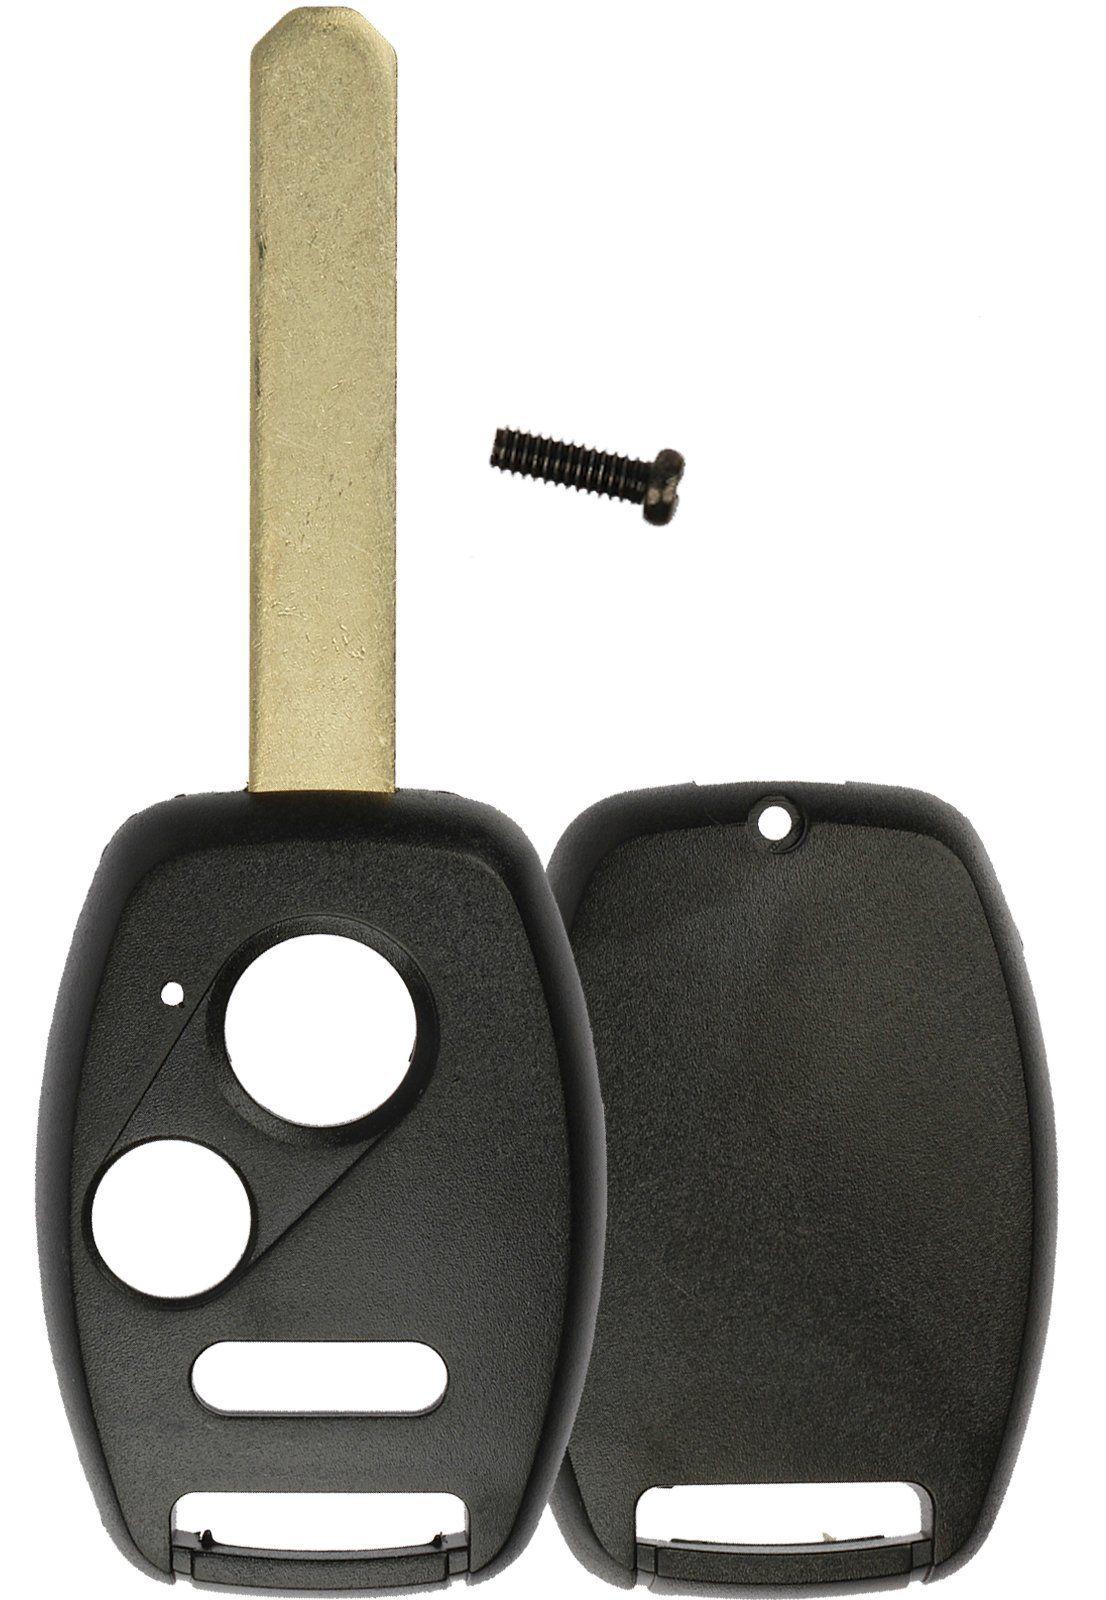 KeylessOption Just the Case Keyless Entry Remote Head Key